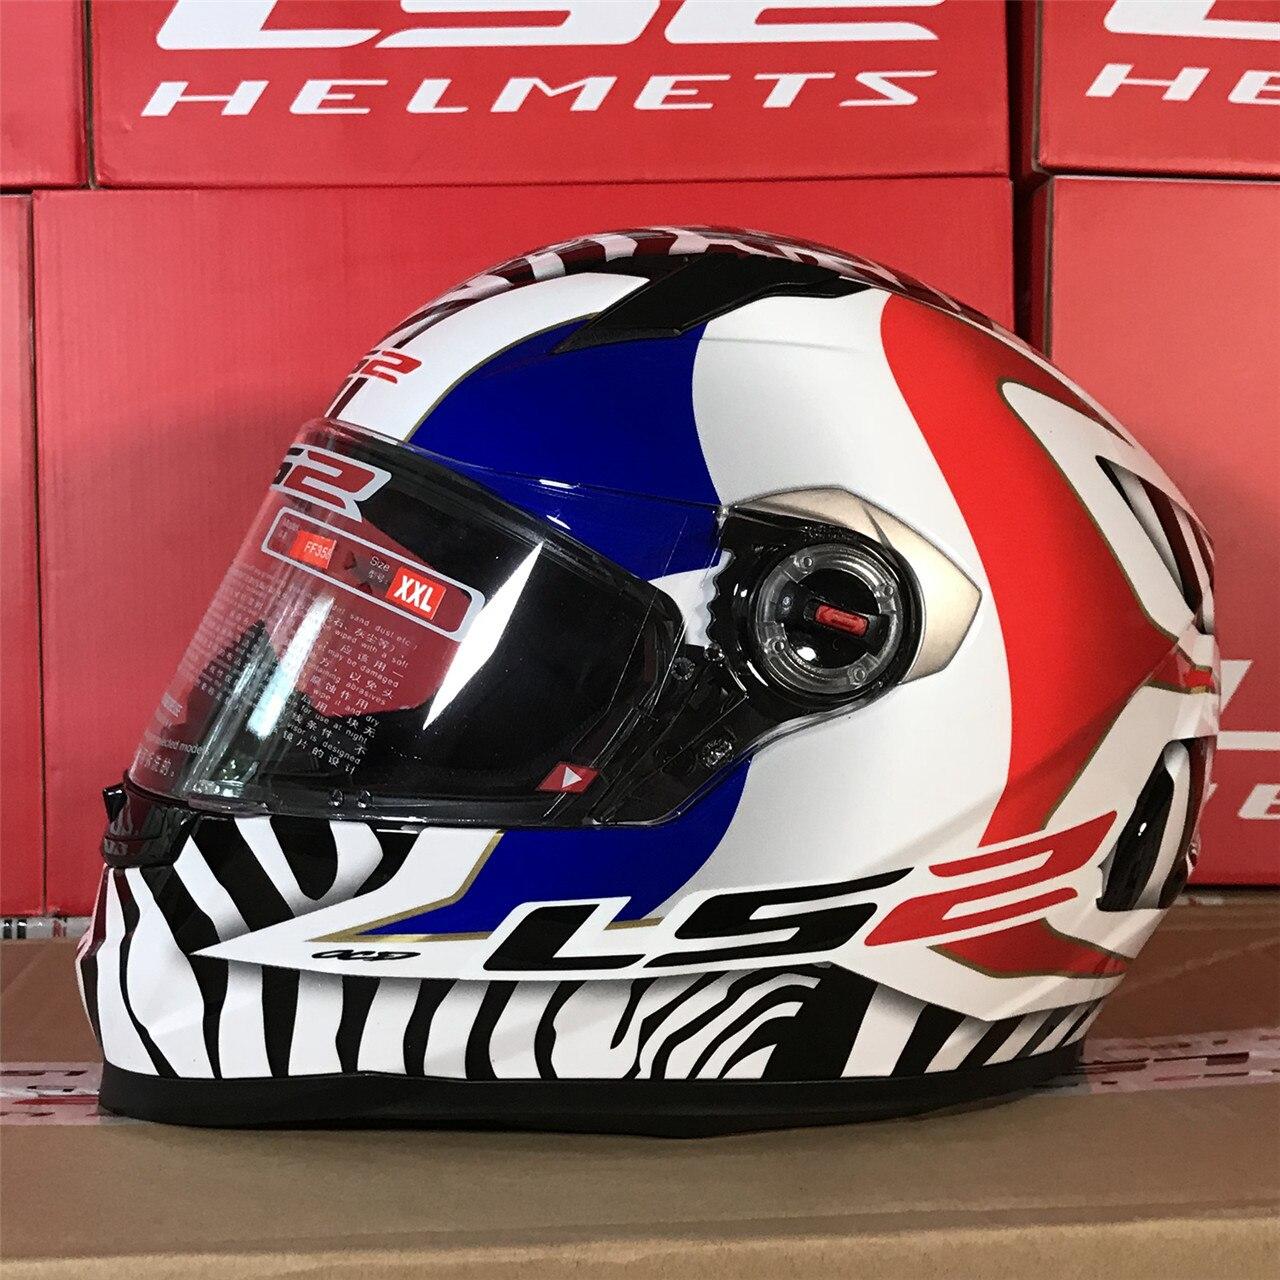 LS2 Classic Capacetes Moto casque intégral pour Moto course engrenages de protection